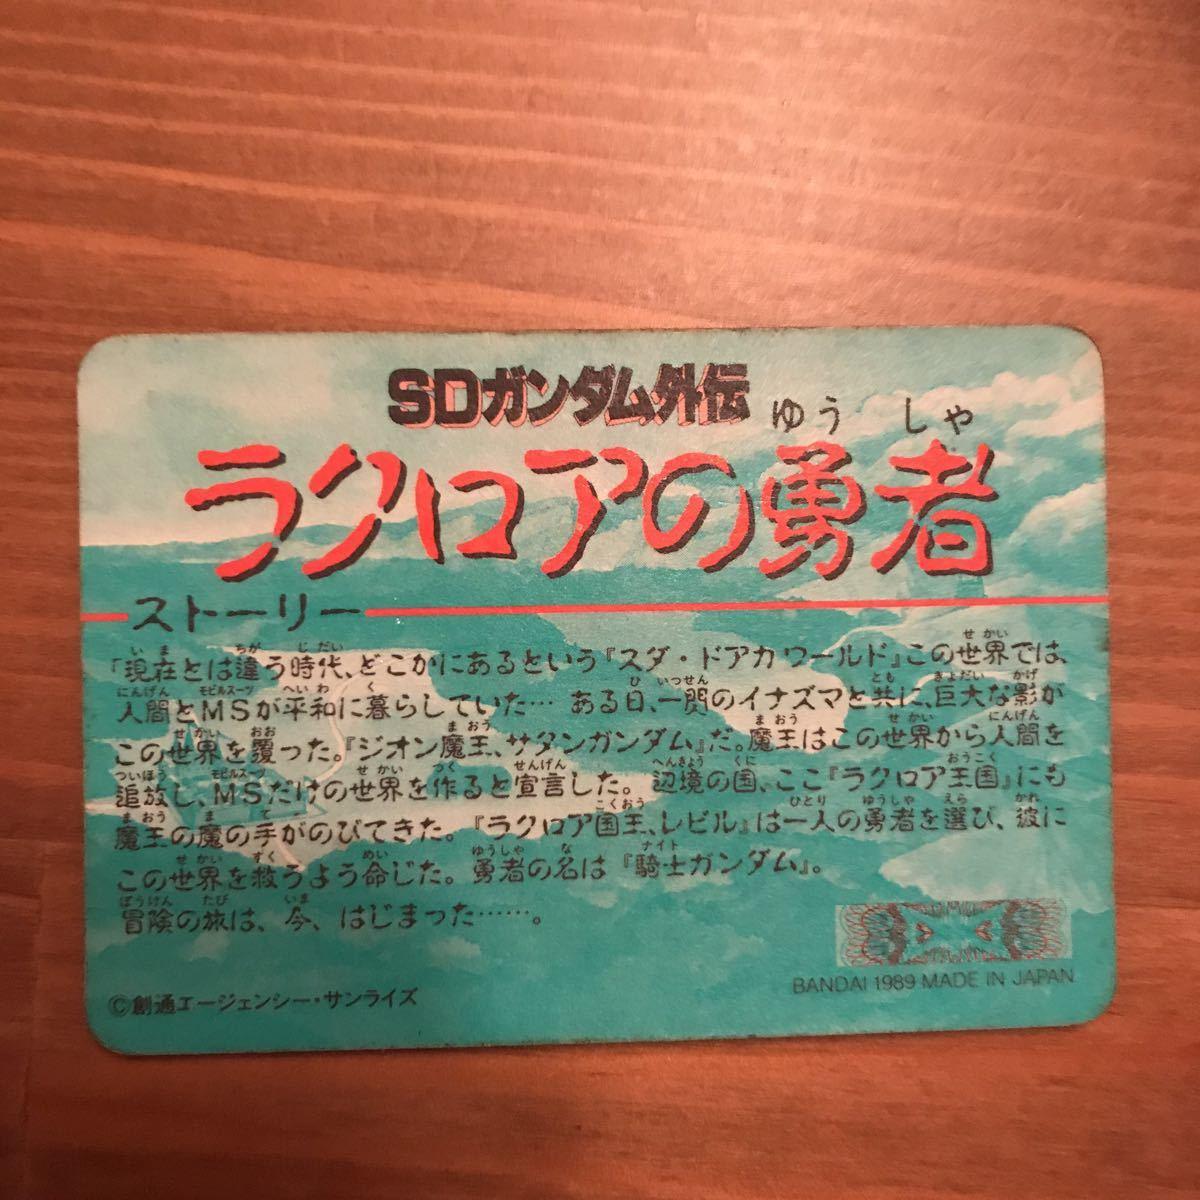 機動戦士ガンダム 大人気カードダス SDガンダム 外伝Ⅲ キラキラカード 騎士シァア レア物カード_画像7